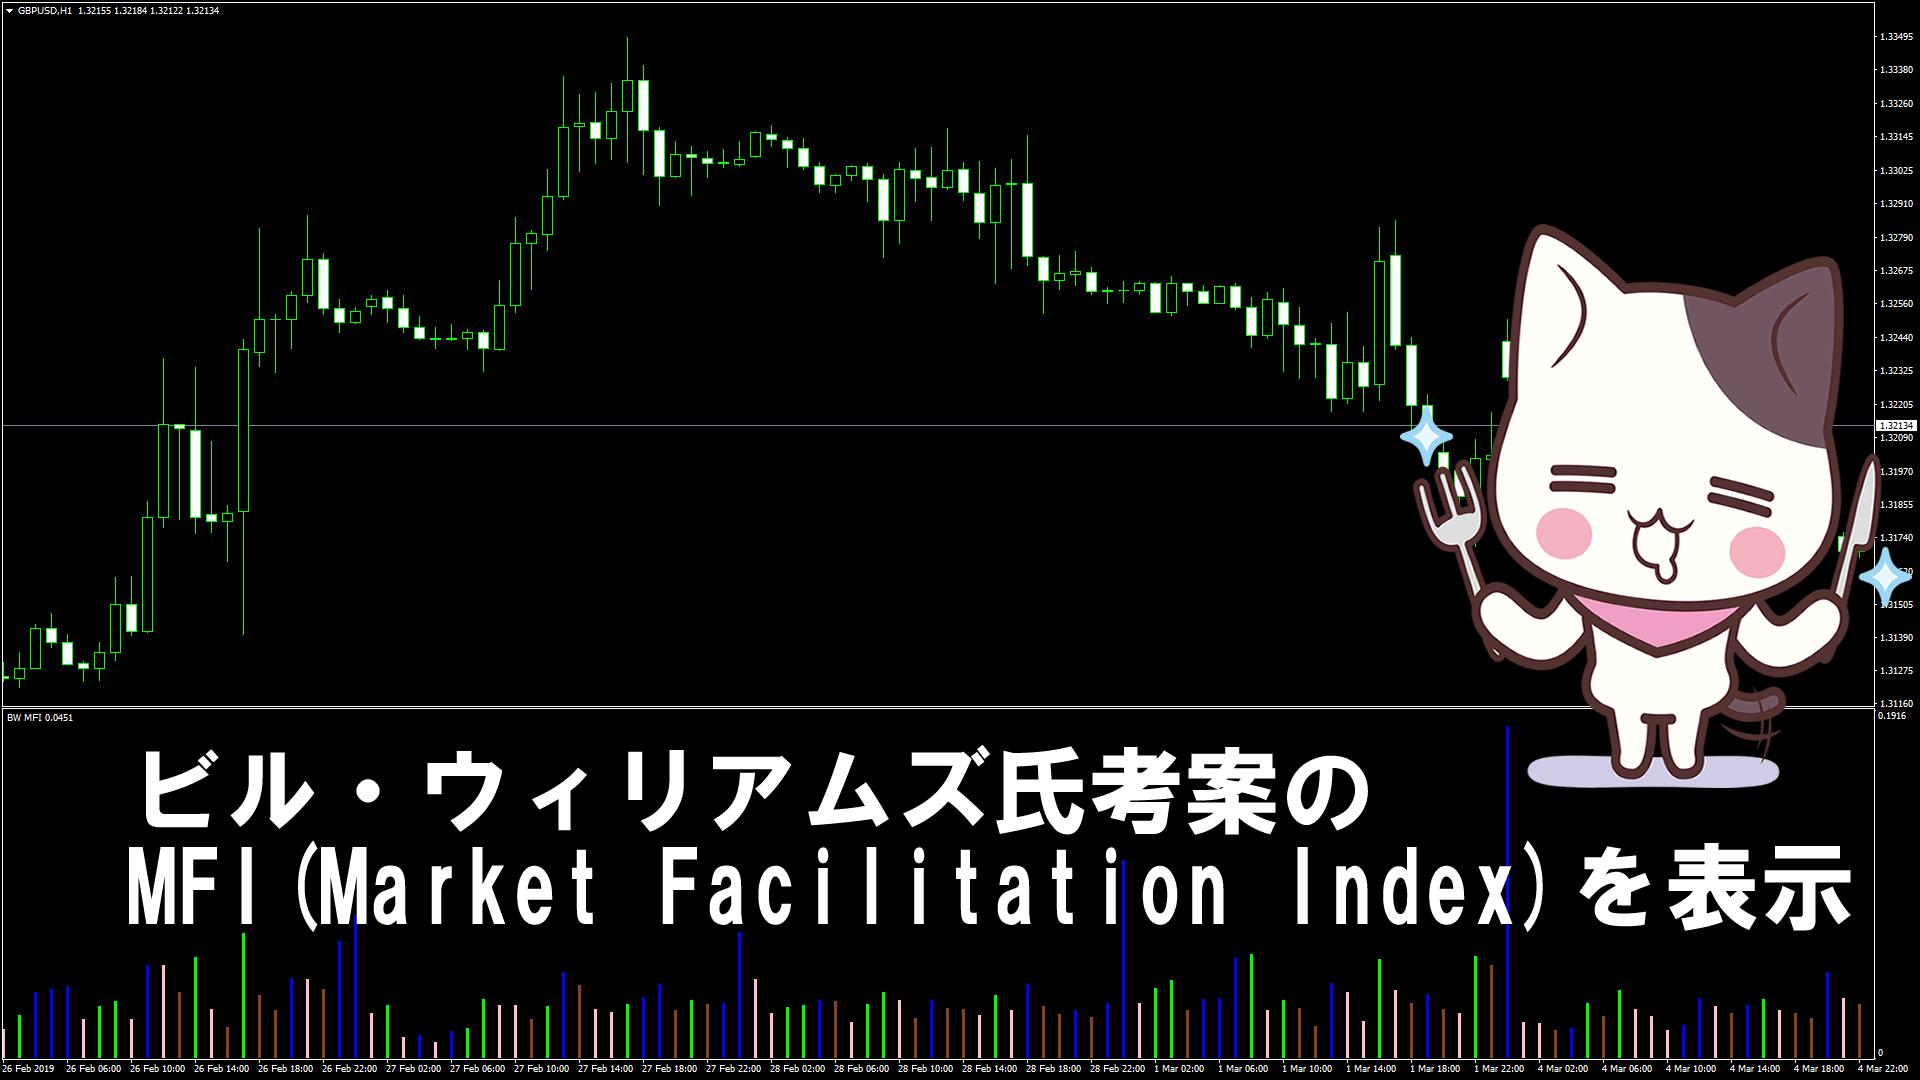 ビル・ウィリアムズ氏考案のMFI(Market Facilitation Index)を表示するMT4インジケーター『BW_MFI』